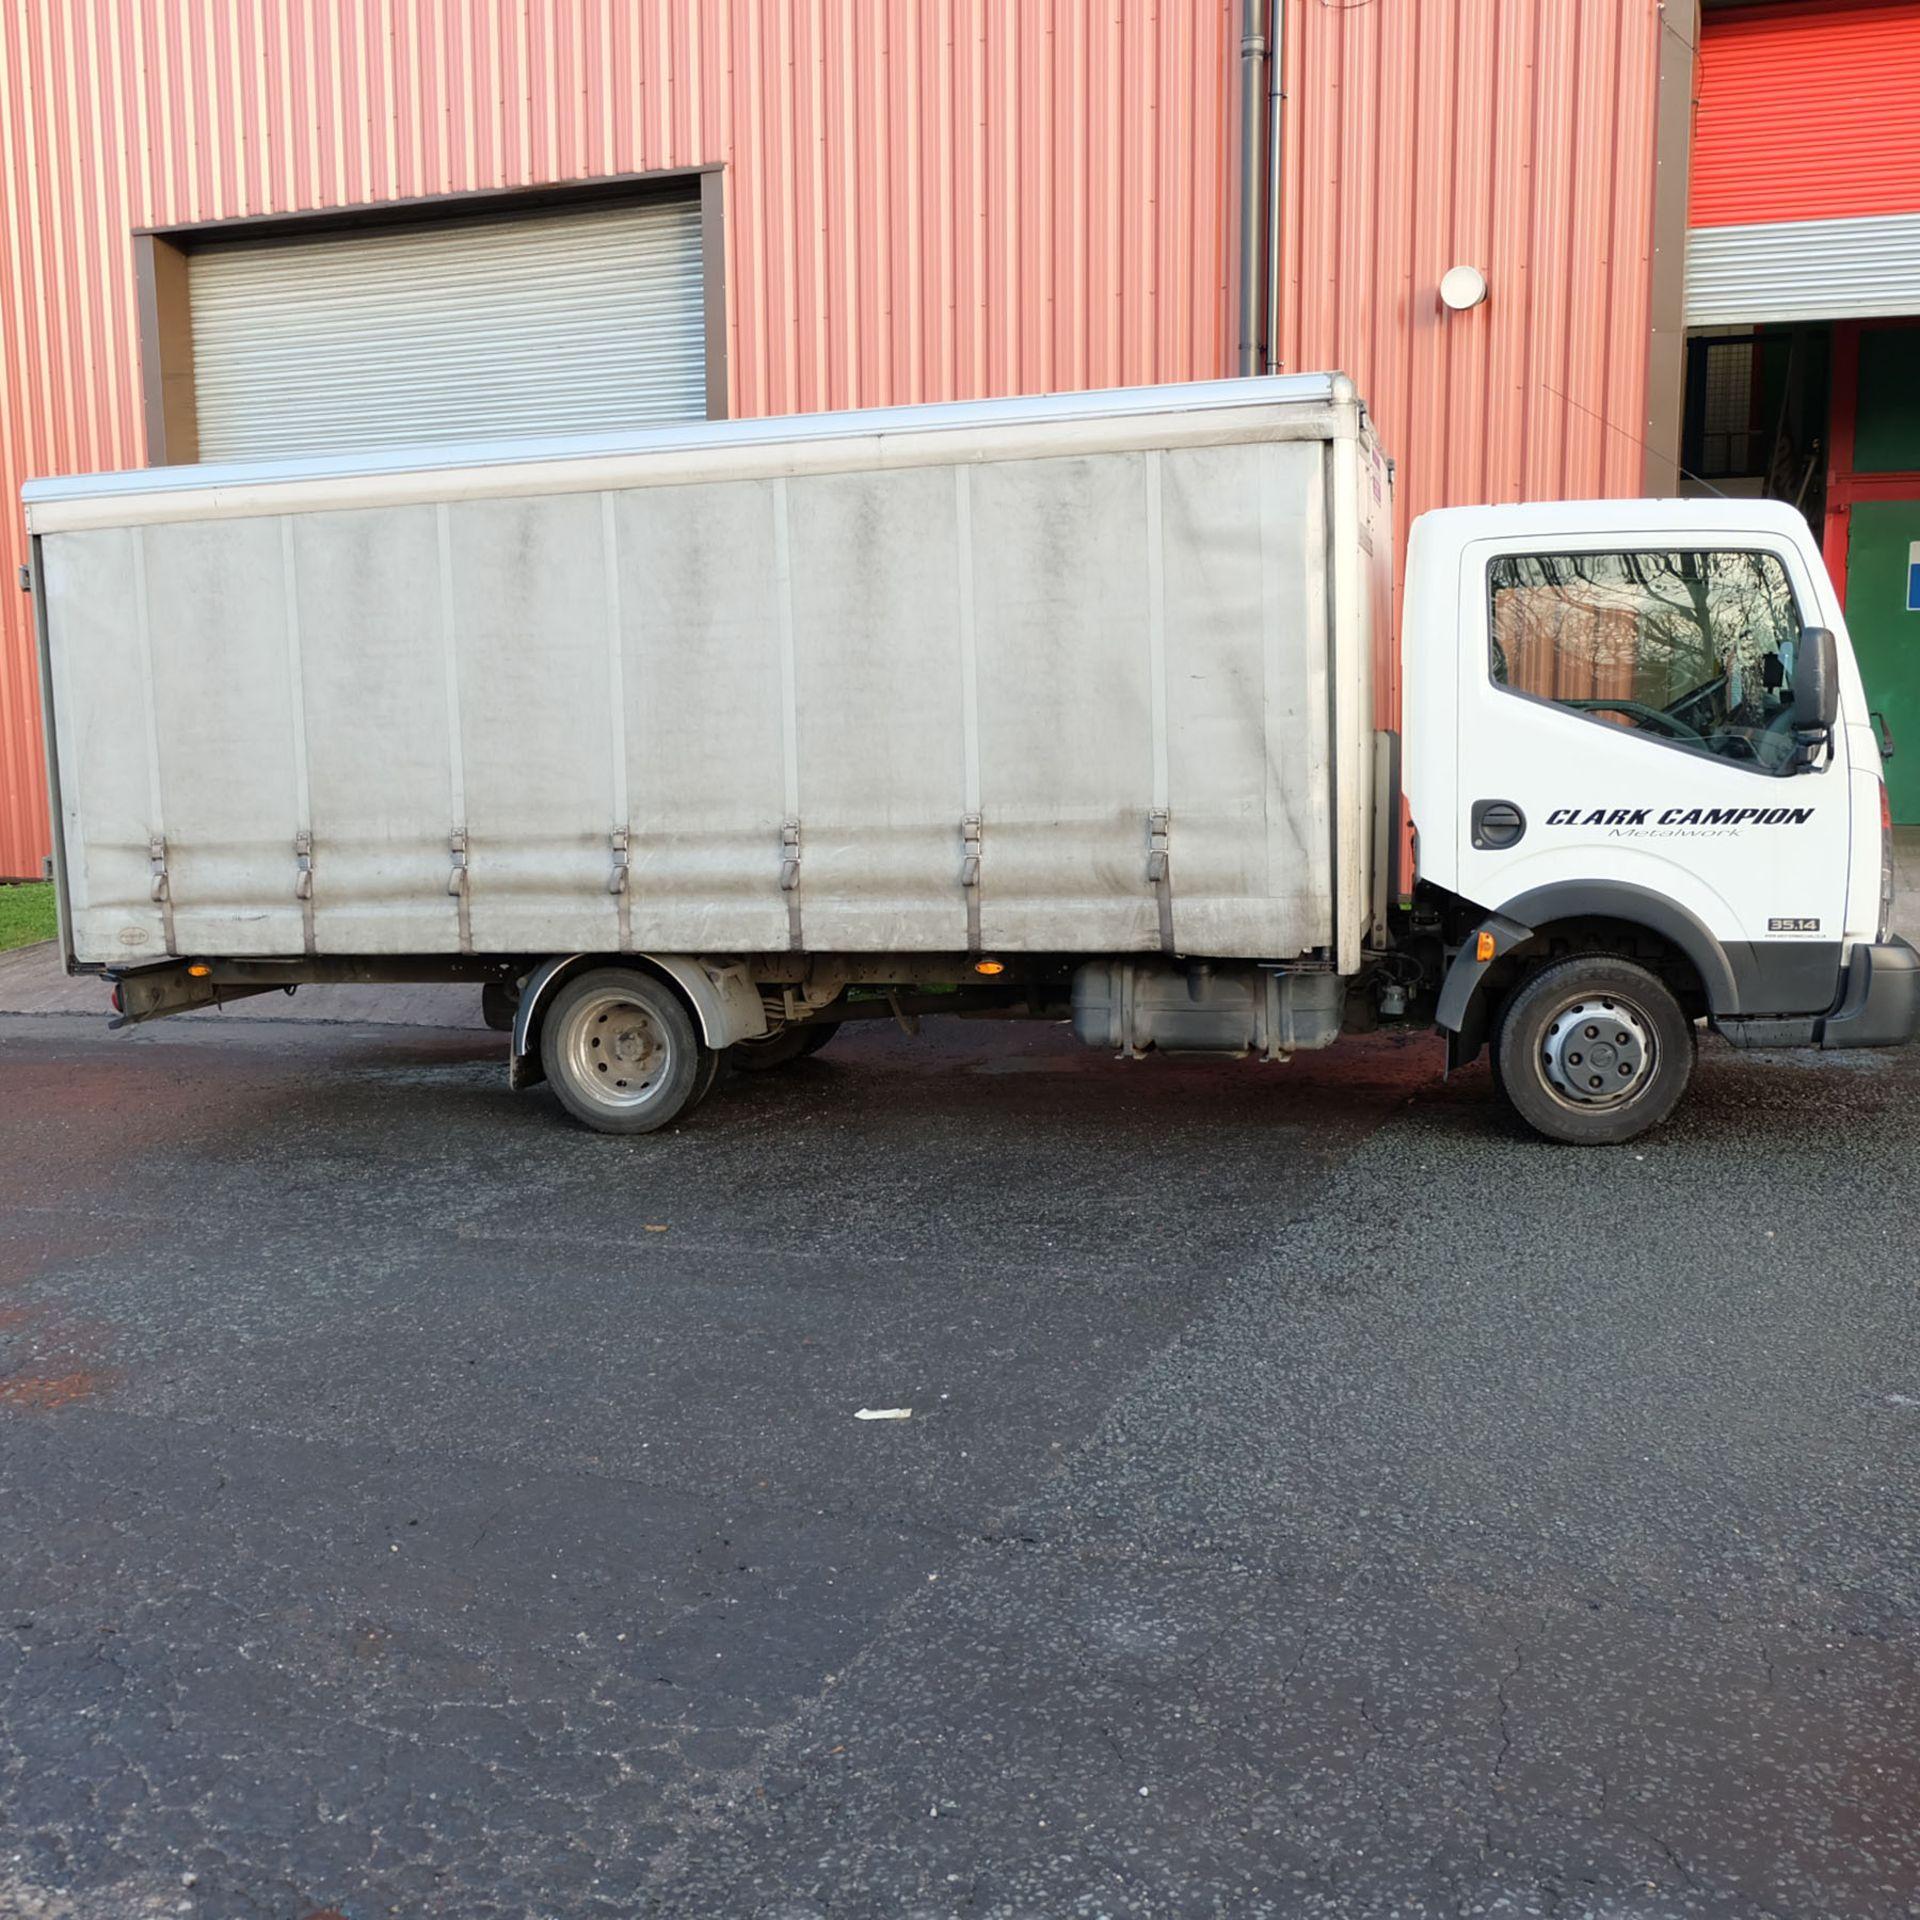 NISSAN CABSTAR 35.14 Rigid Bodied Curtain Truck. 3500KG Gross Weight. Sat Nav, Reversing Camera. - Image 3 of 14